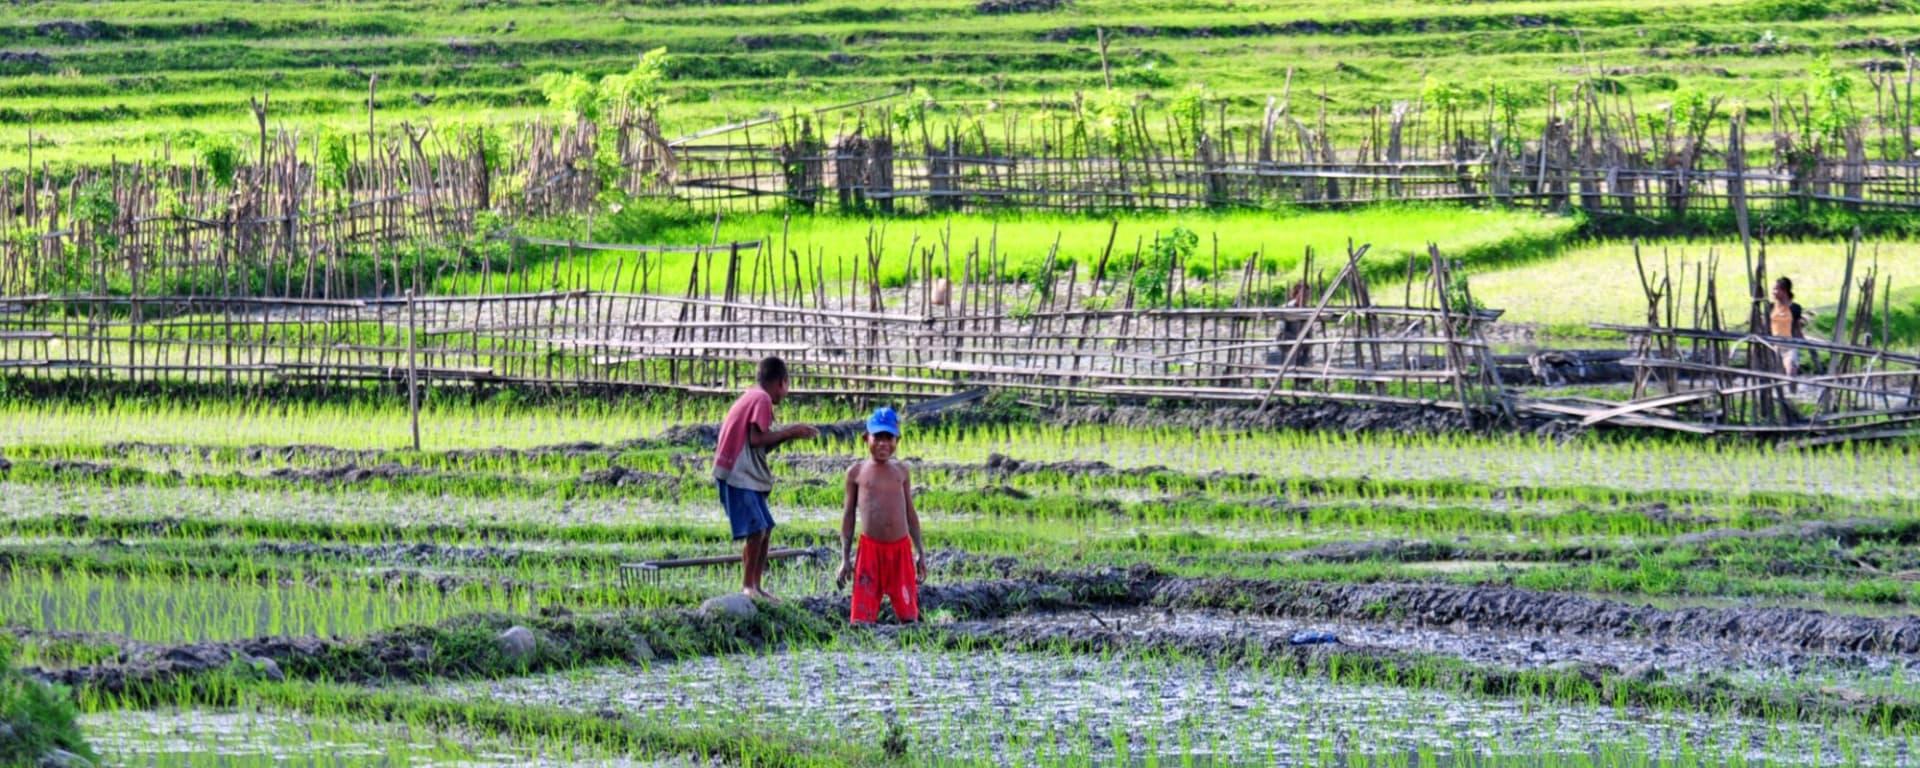 Timor-Leste Reisen und Ferien von tourasia: Rice fields